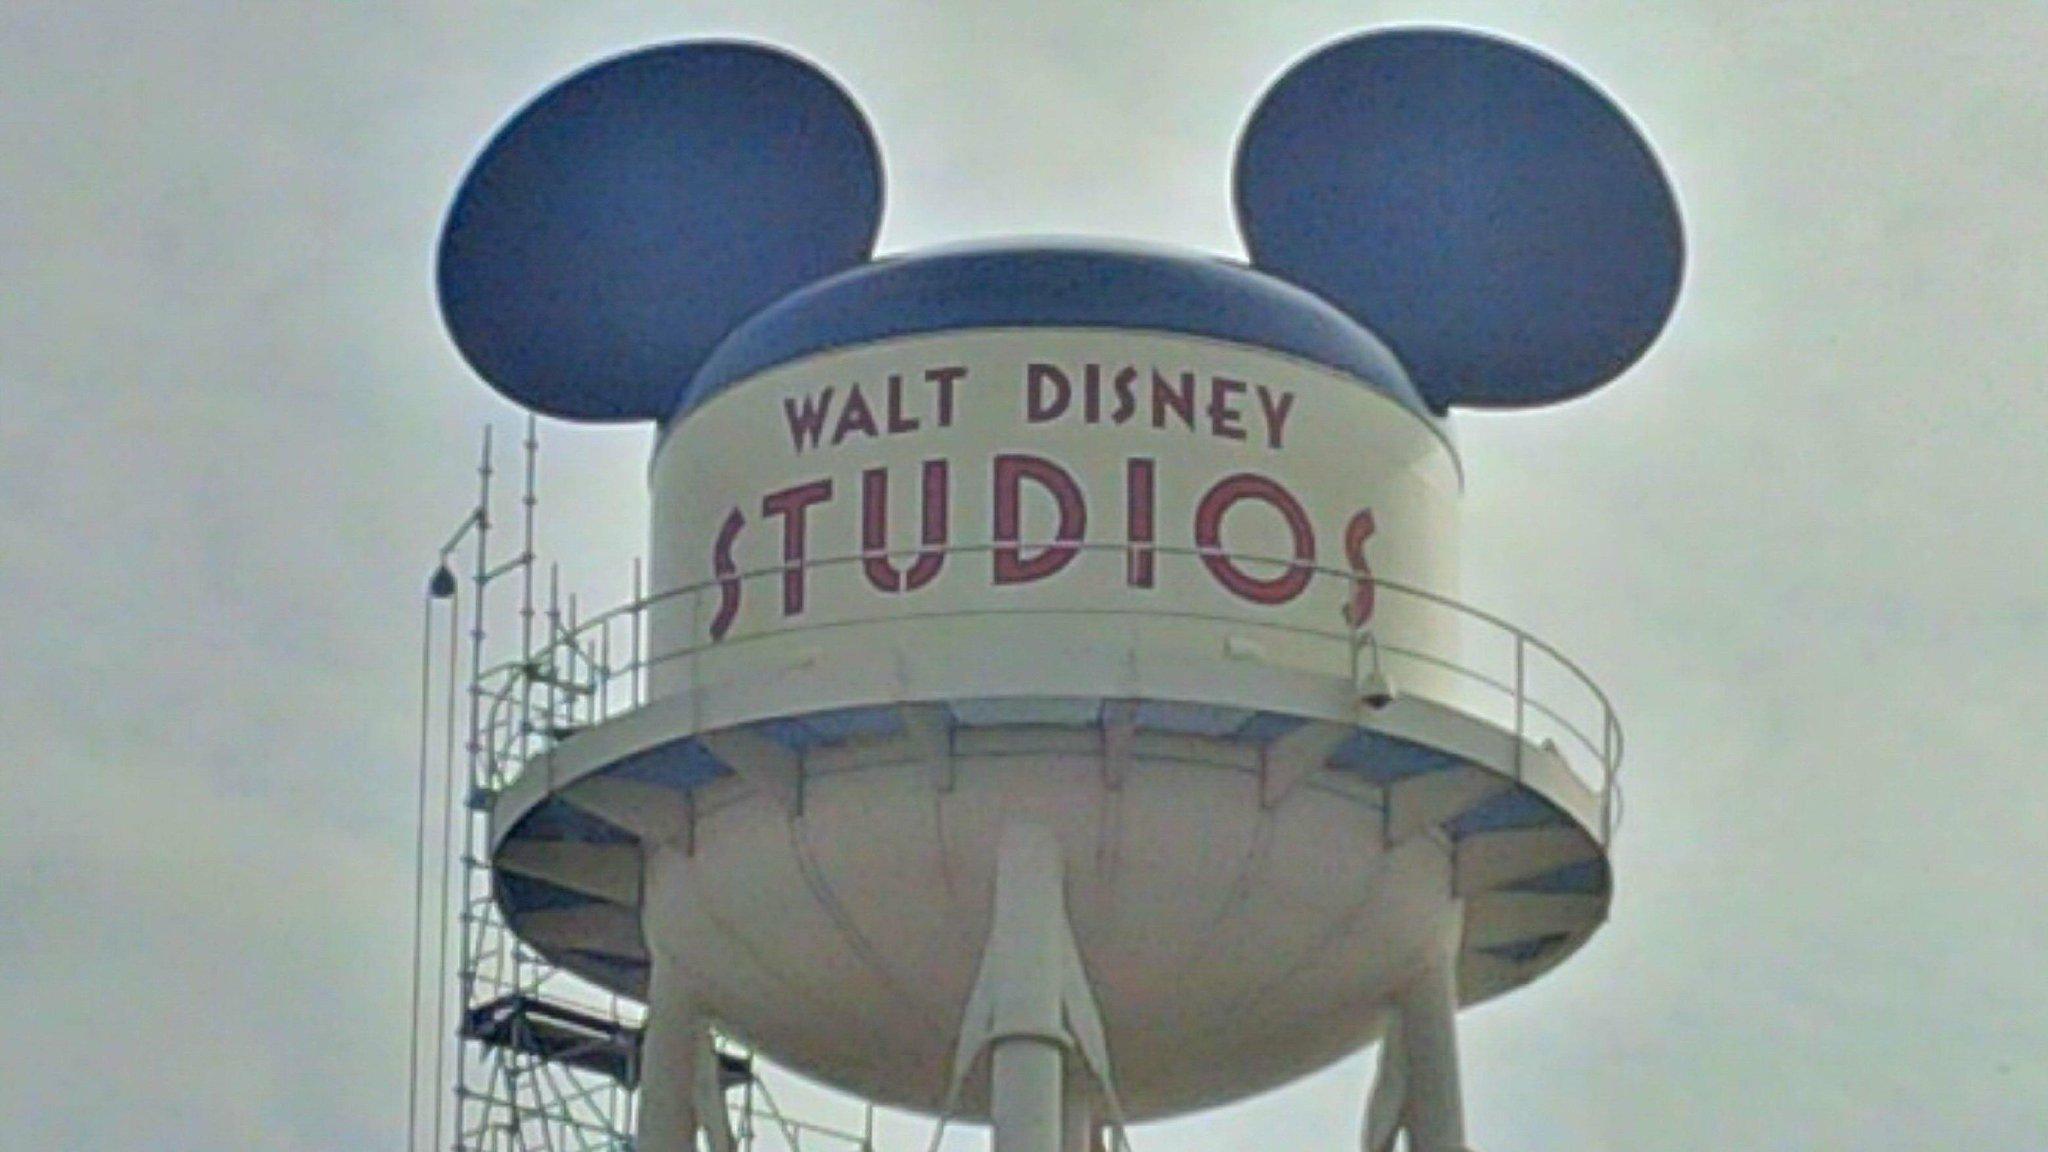 [Parc Walt Disney Studios] Nouveau logo du Château d'Eaureilles - Page 10 BytKs3nIAAAveew